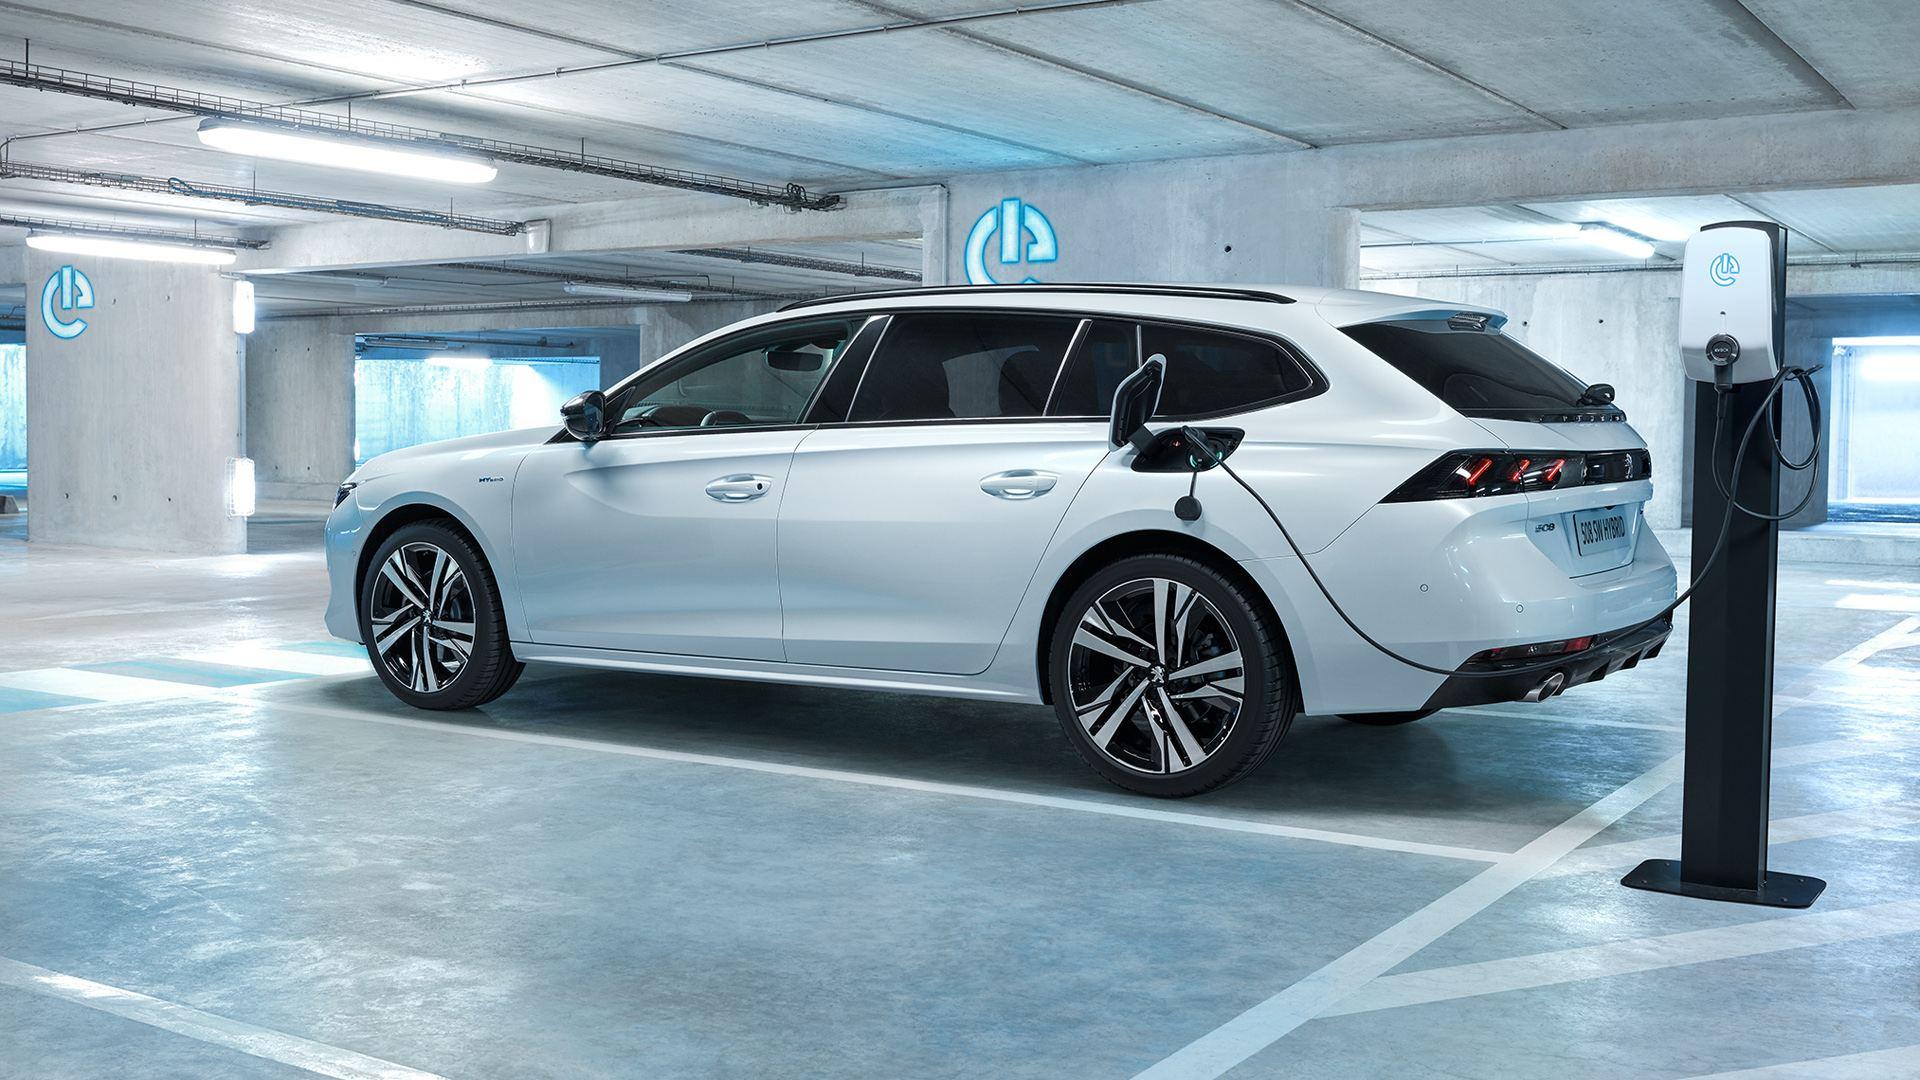 Peugeot 508 Hybrid, llegan los híbridos enchufables al fabricante francés